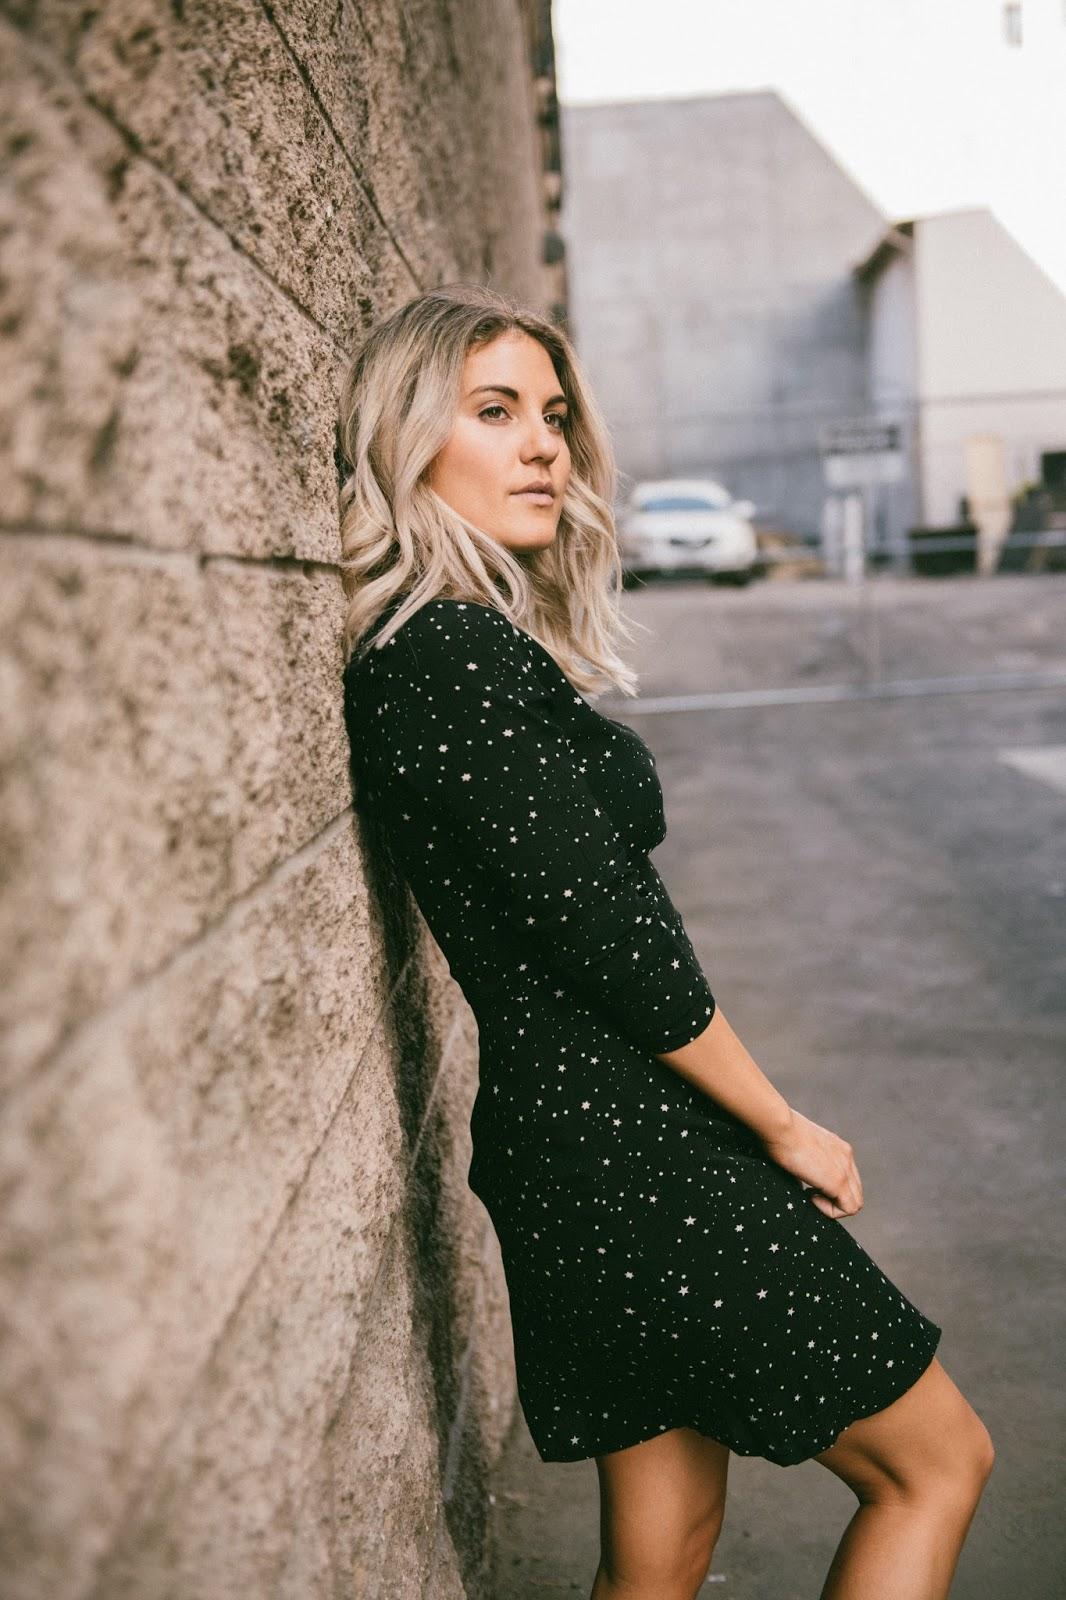 Star Print Dress - www.instagram.com/taylorwinkelmeyer/